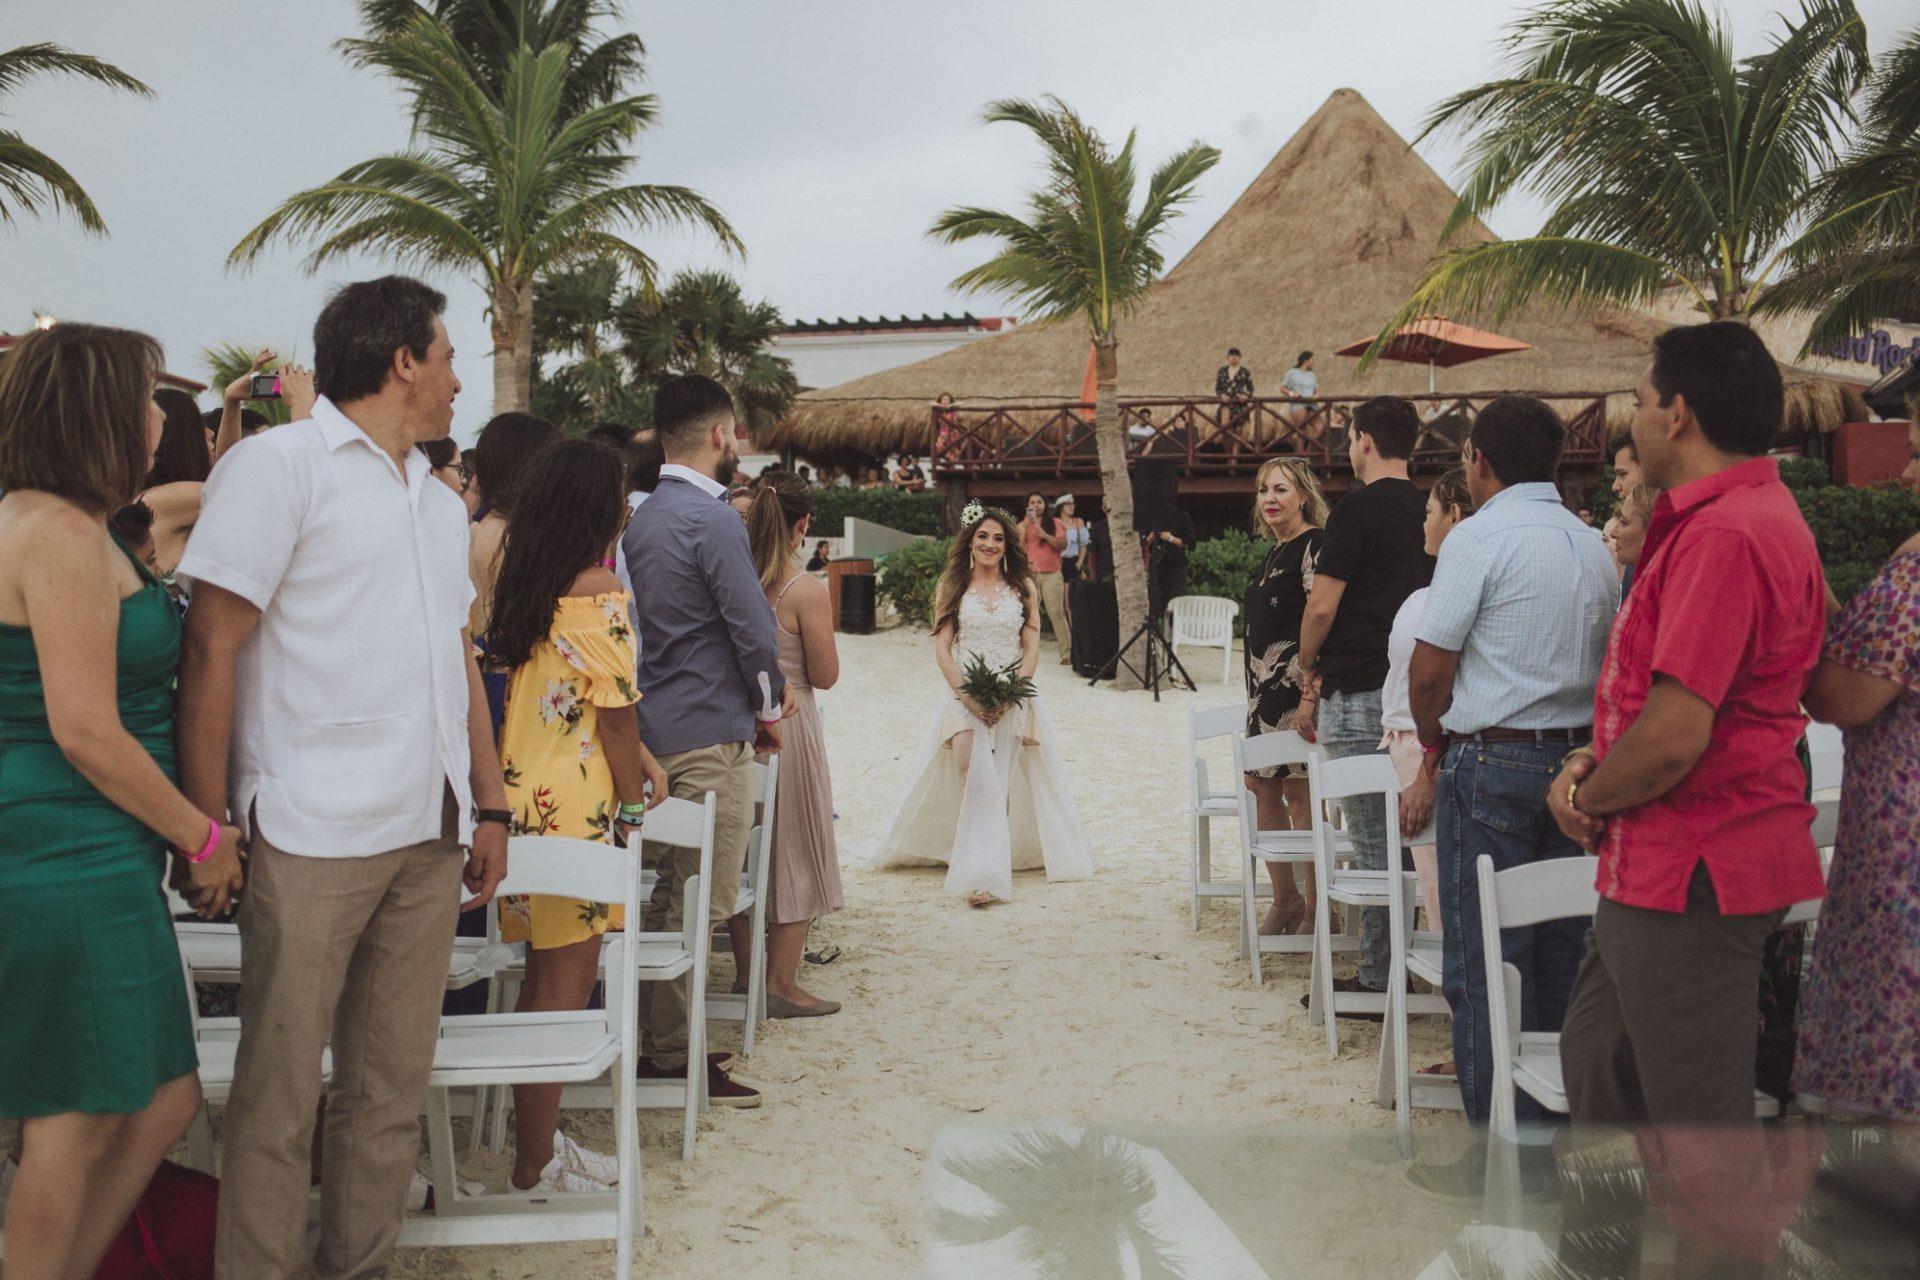 fotografo_bodas_profesional_zacatecas_riviera_maya_cancun-42